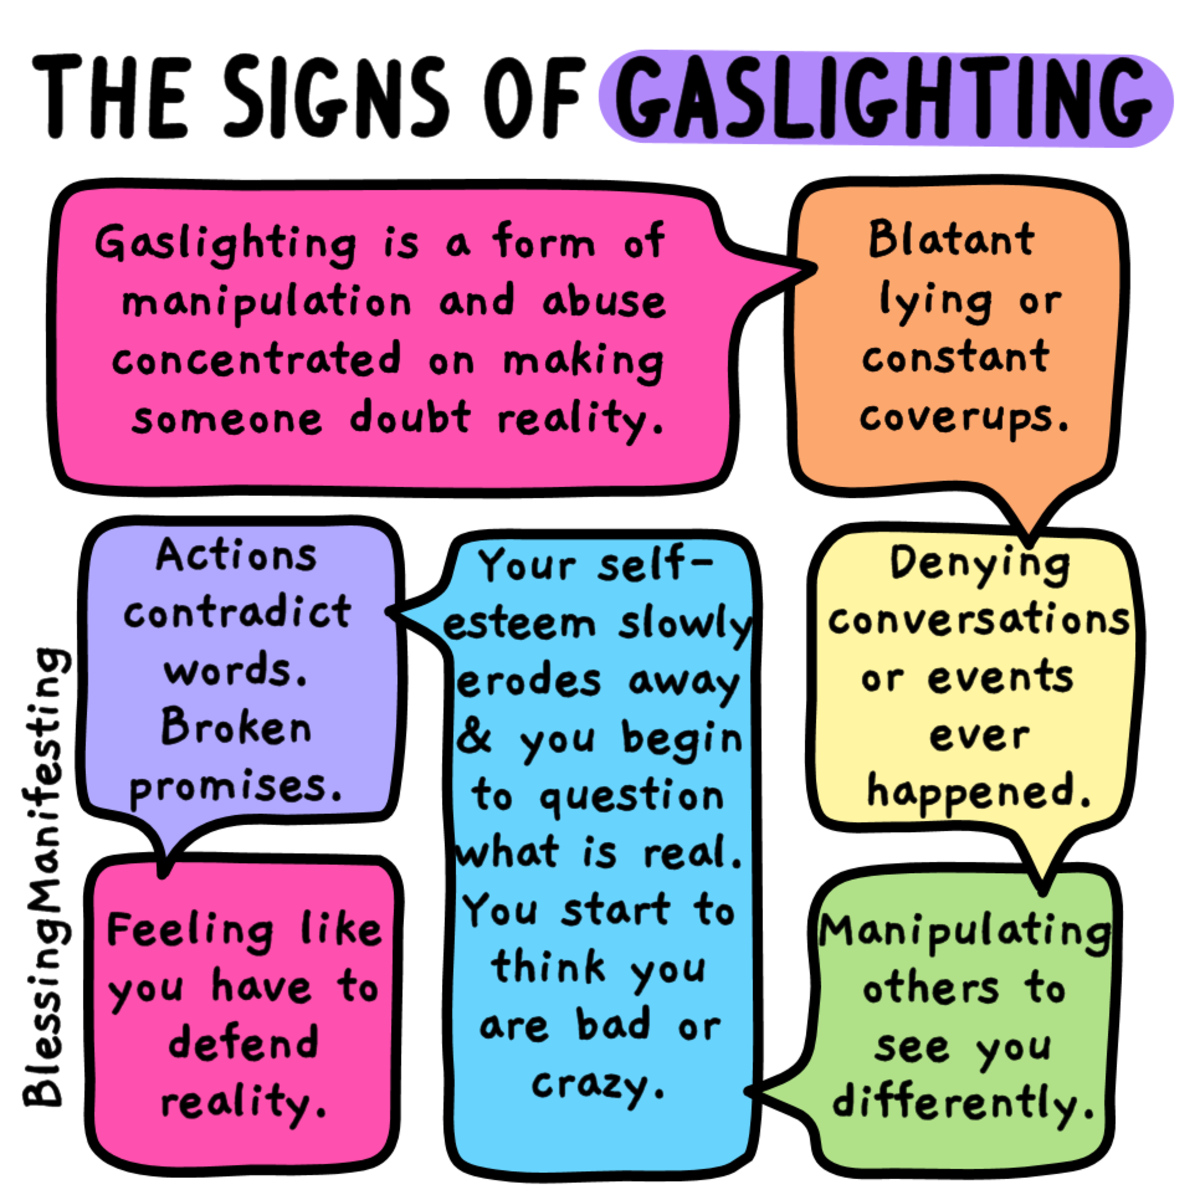 the-dangers-of-gaslighting